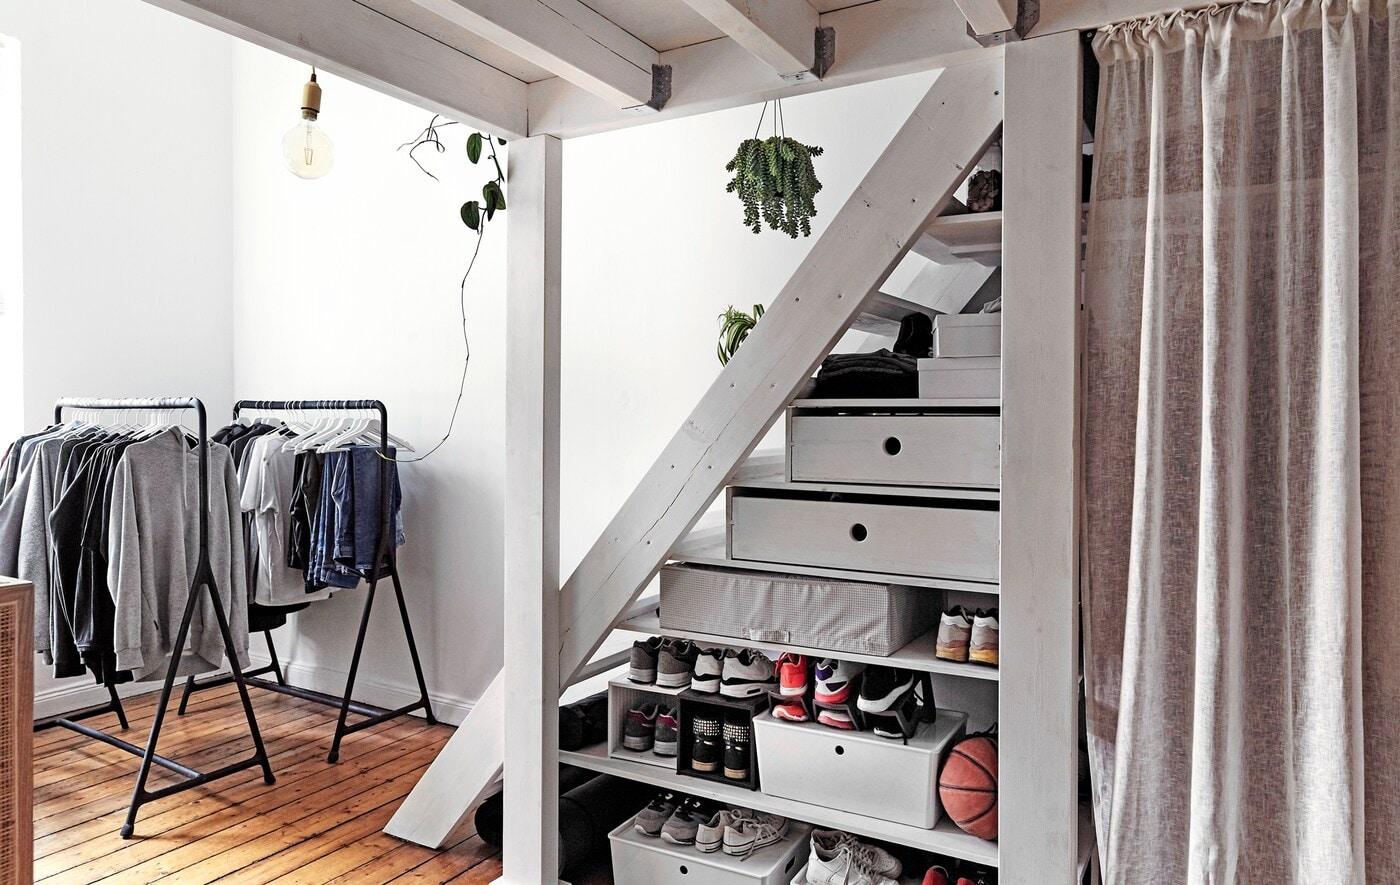 Открытые вешалки для одежды и ящики для хранения под лестничным пролетом.